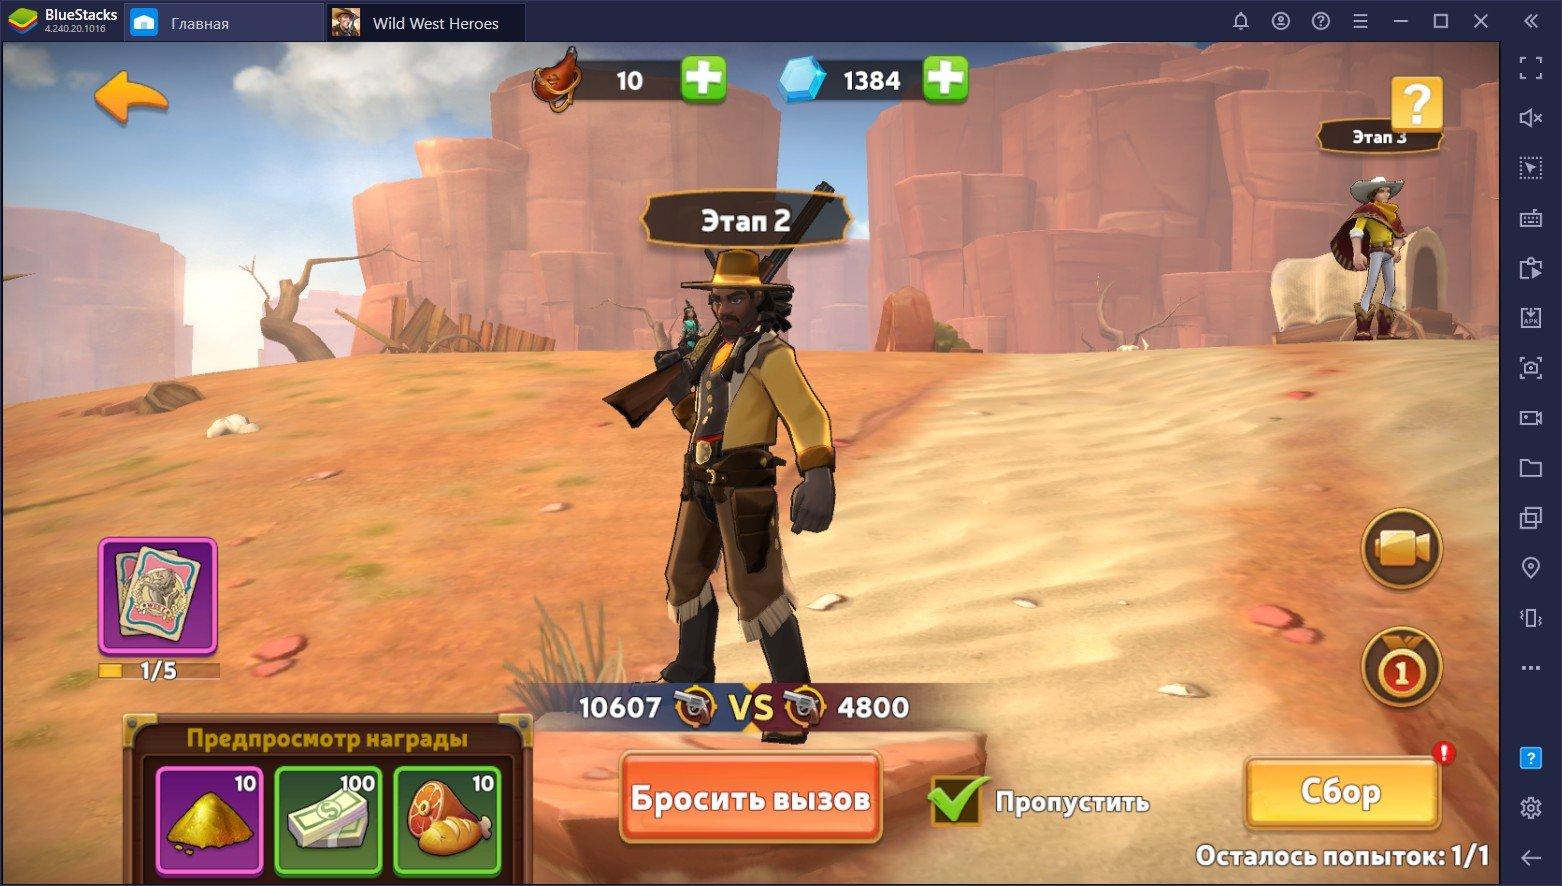 Спасти Дикий Запад! Как играть в Wild West Heroes на ПК с Bluestacks?